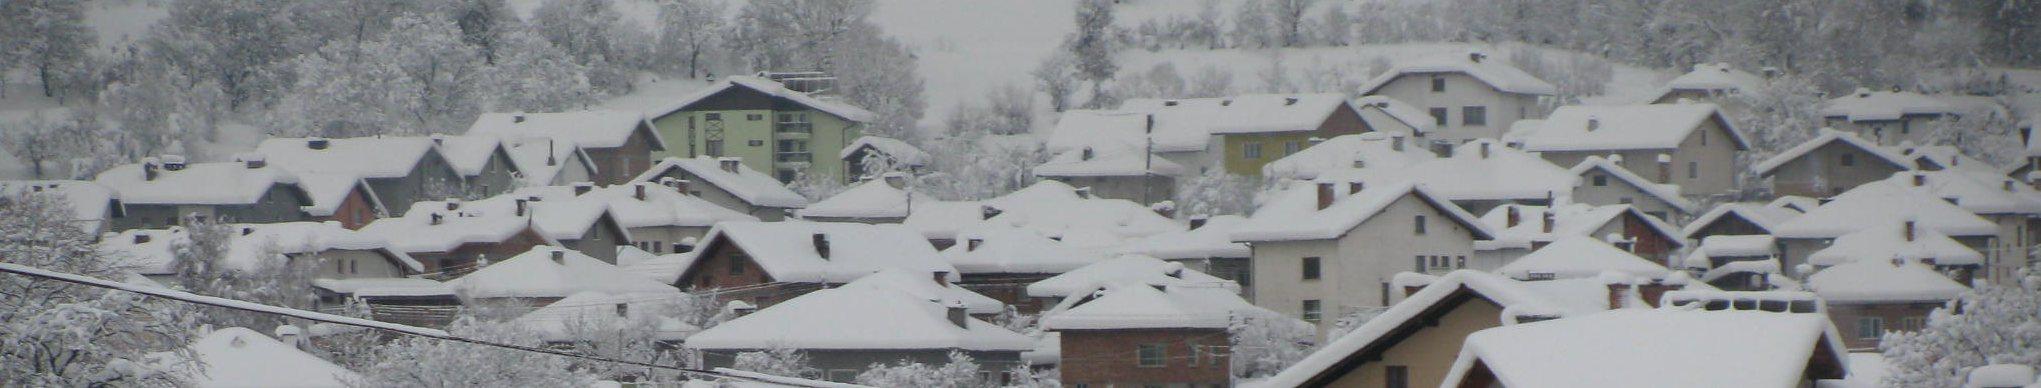 houses_in_snow.jpg